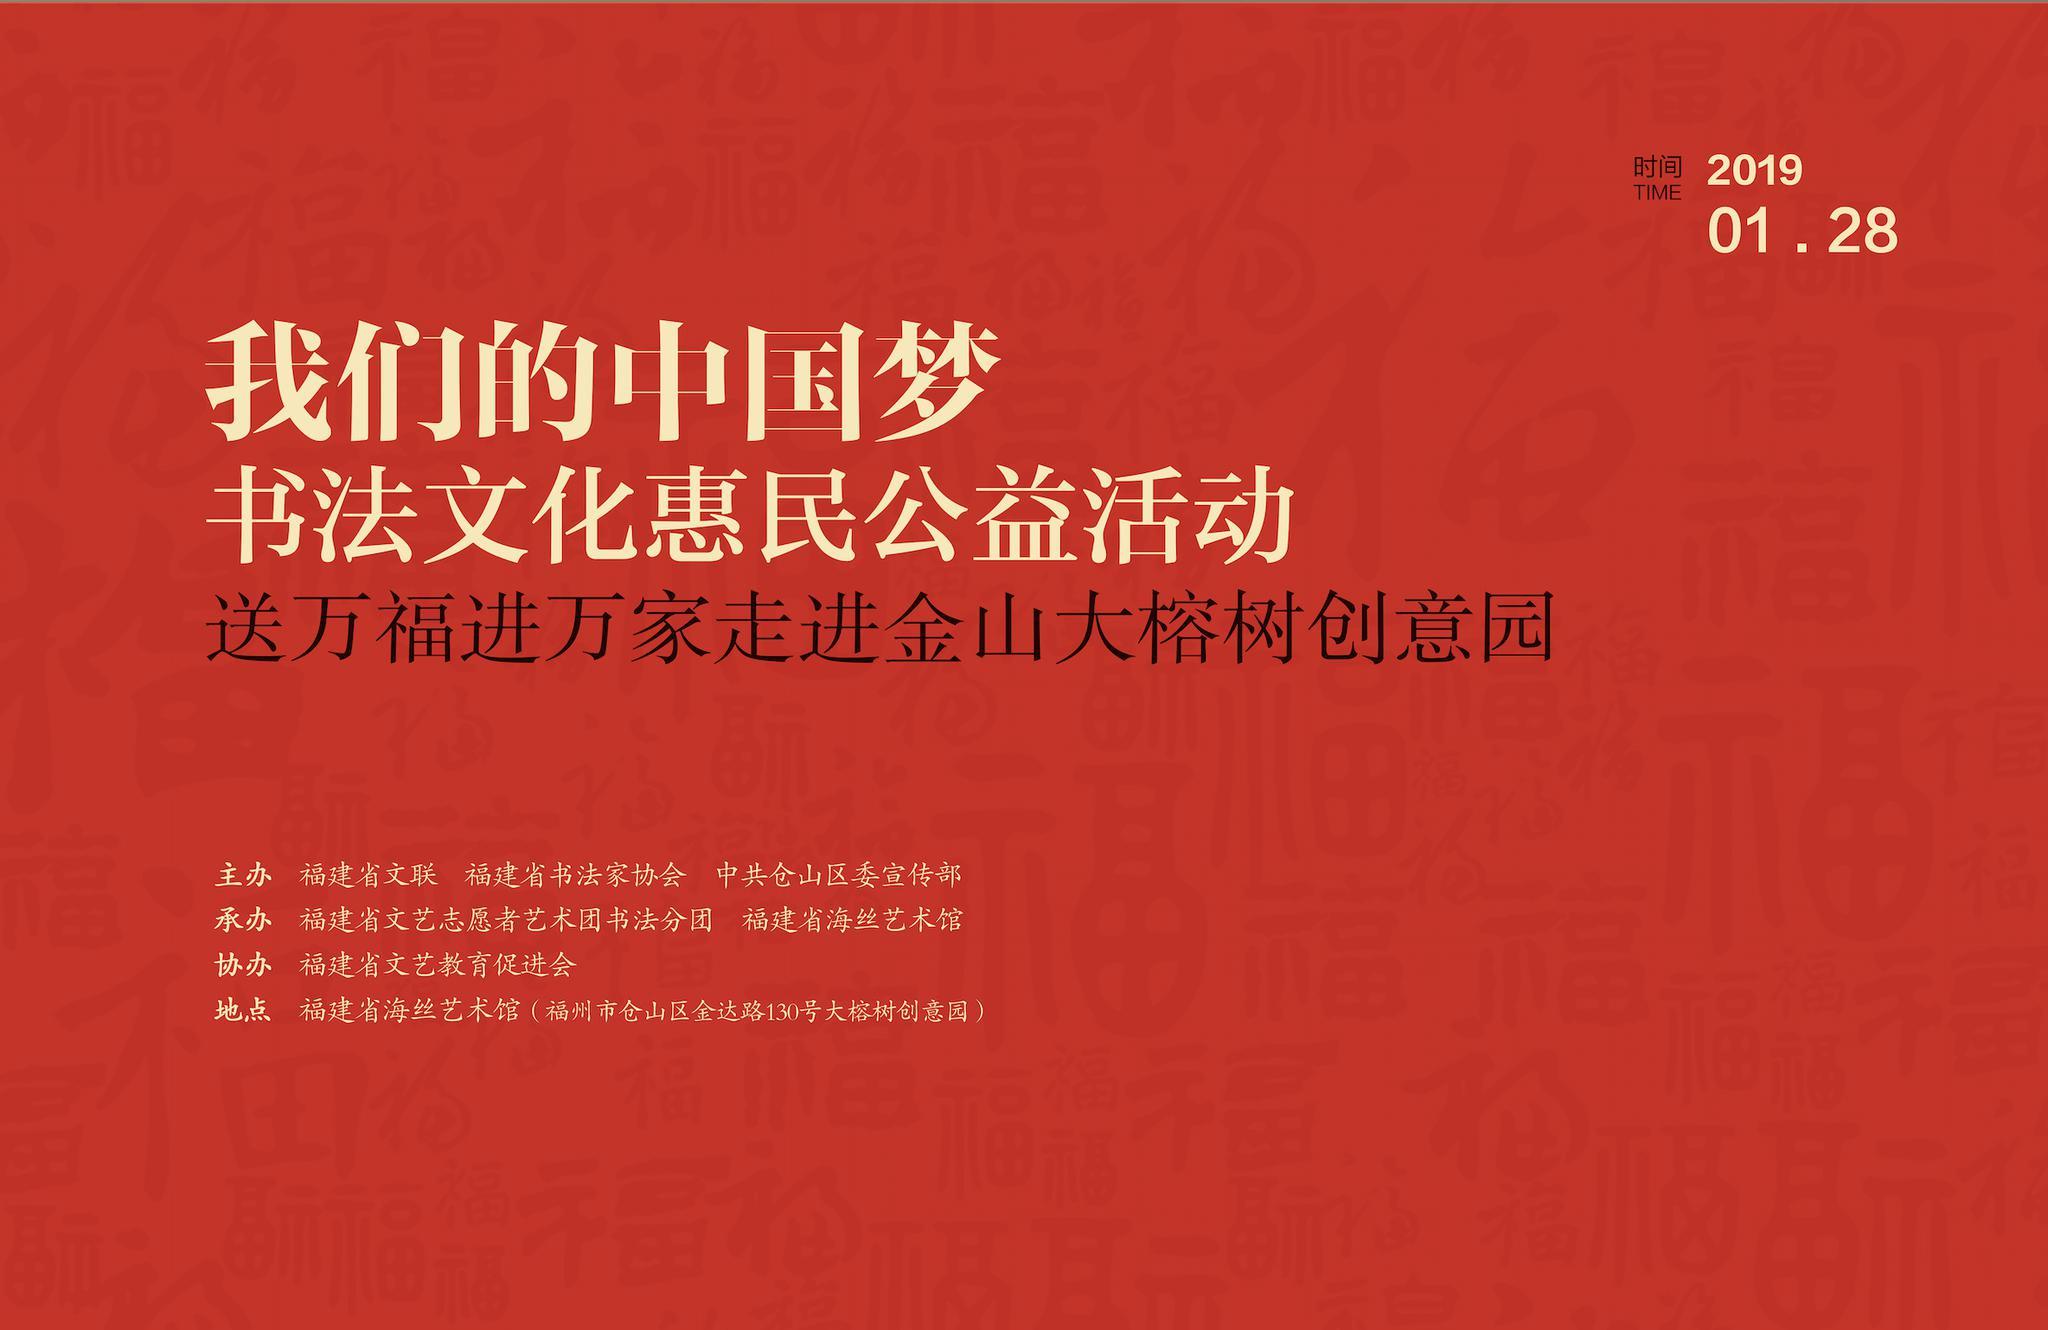 我们的中国梦书法文化惠民公益活动